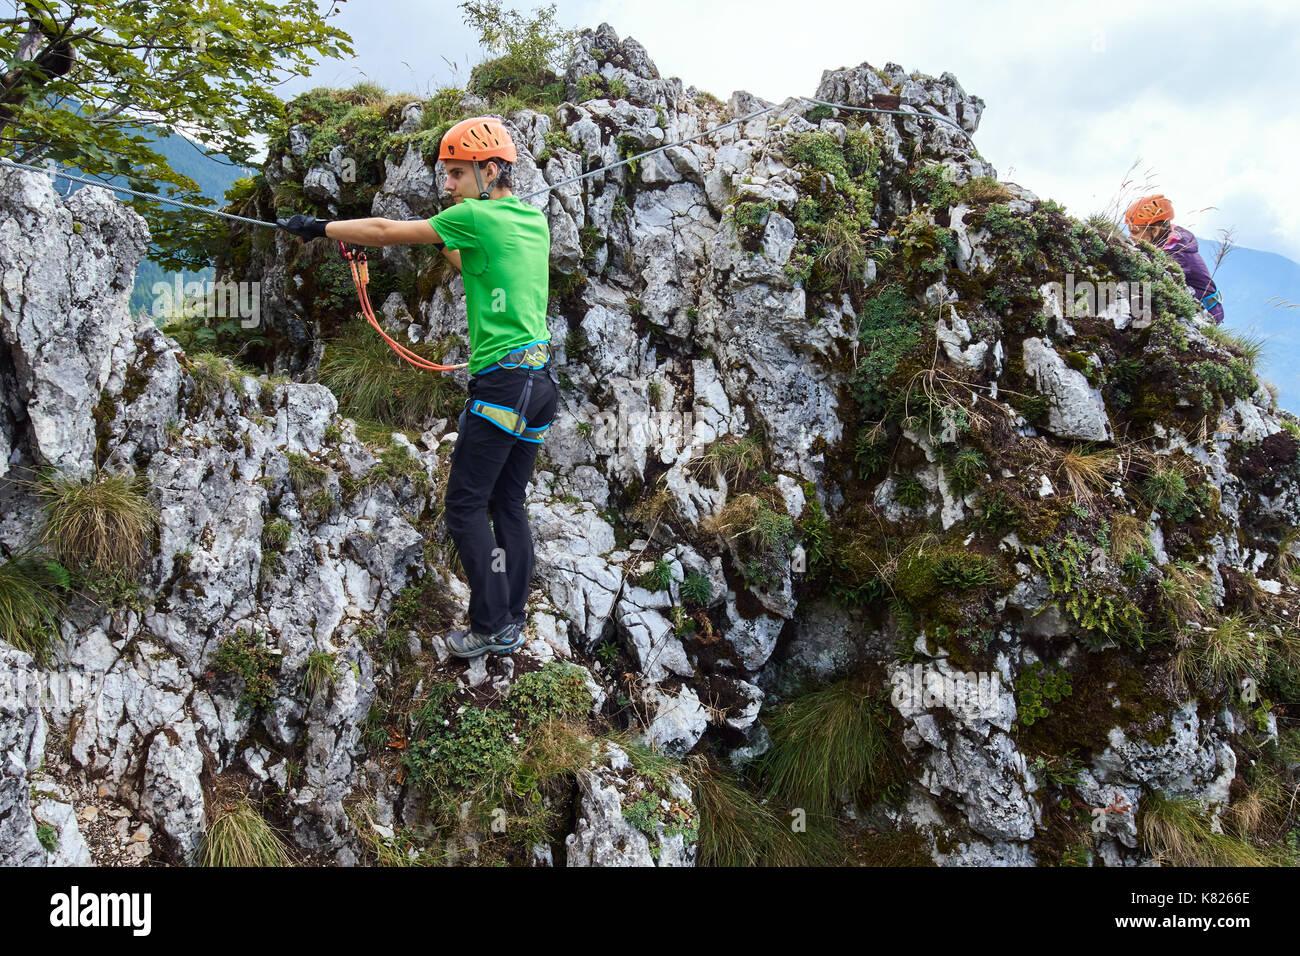 Klettersteig Decin : Menschen klettern am klettersteig in den bergen stockfoto bild